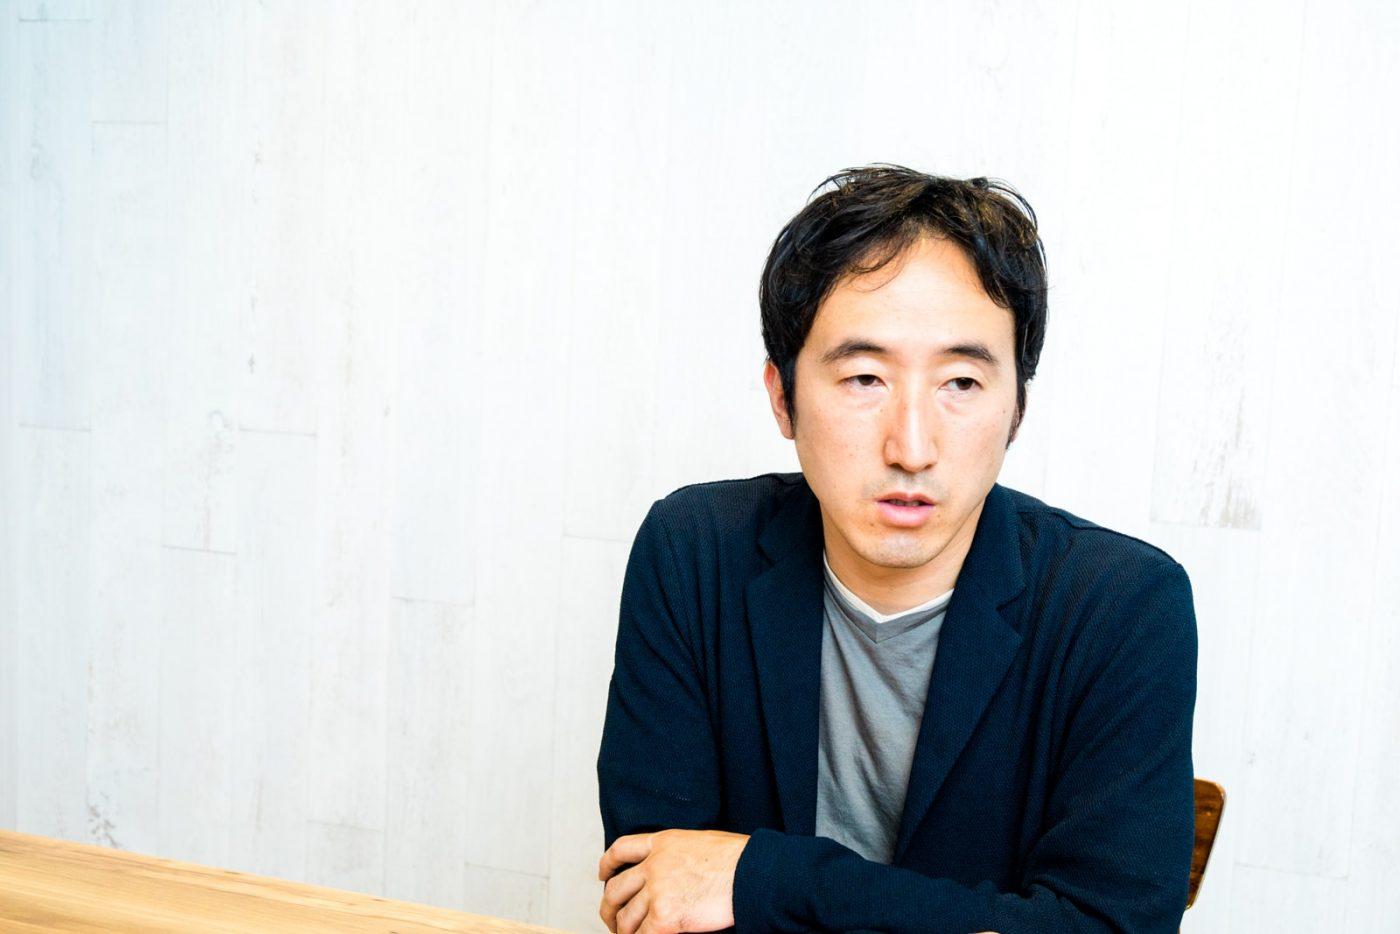 ヤプリ 庵原保文CEO 新卒で出版社に入社、出版業界への危機感を抱いてWebの世界に